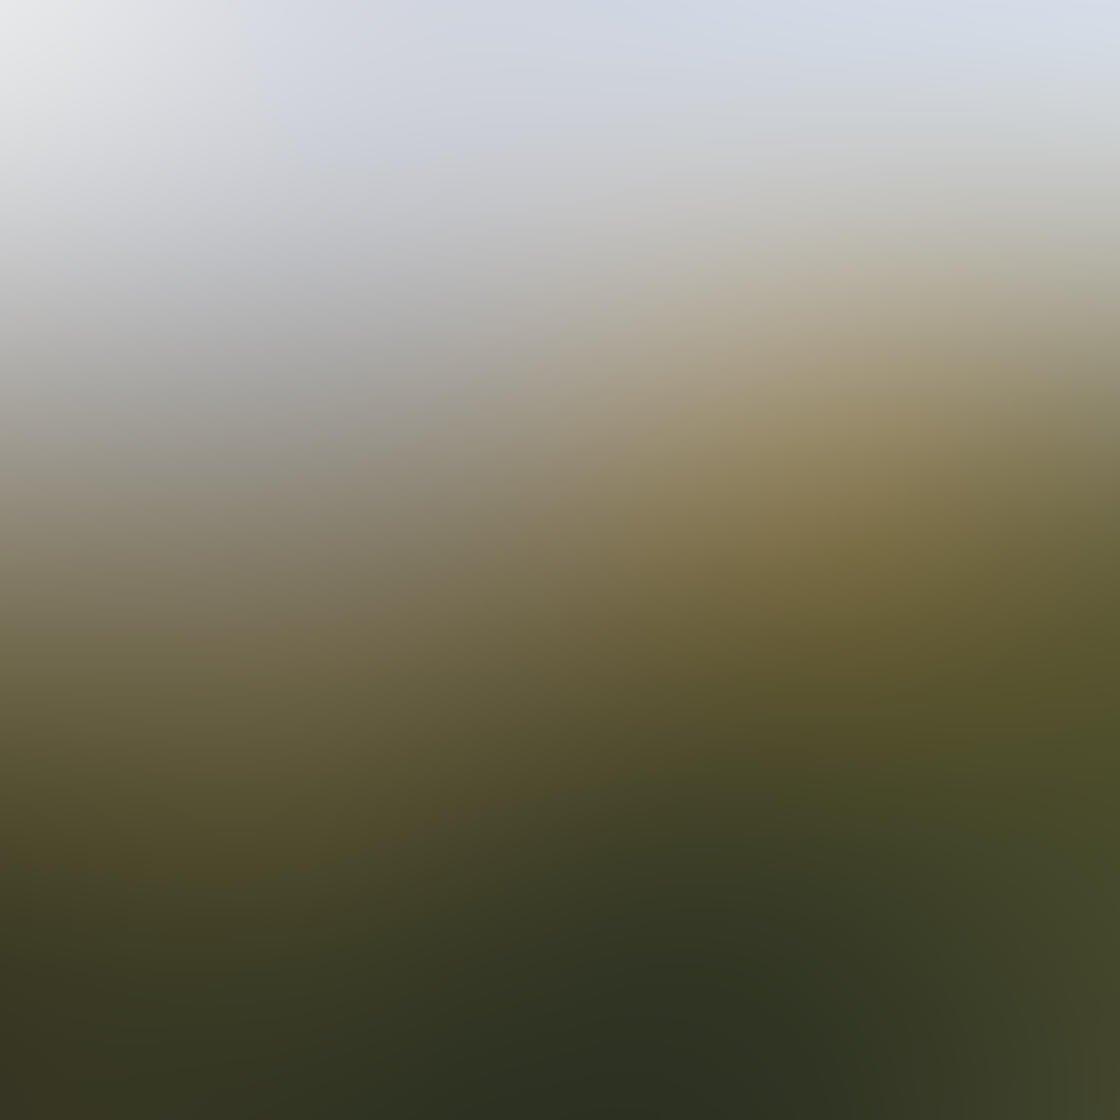 Landscape iPhone Photo Composition 13